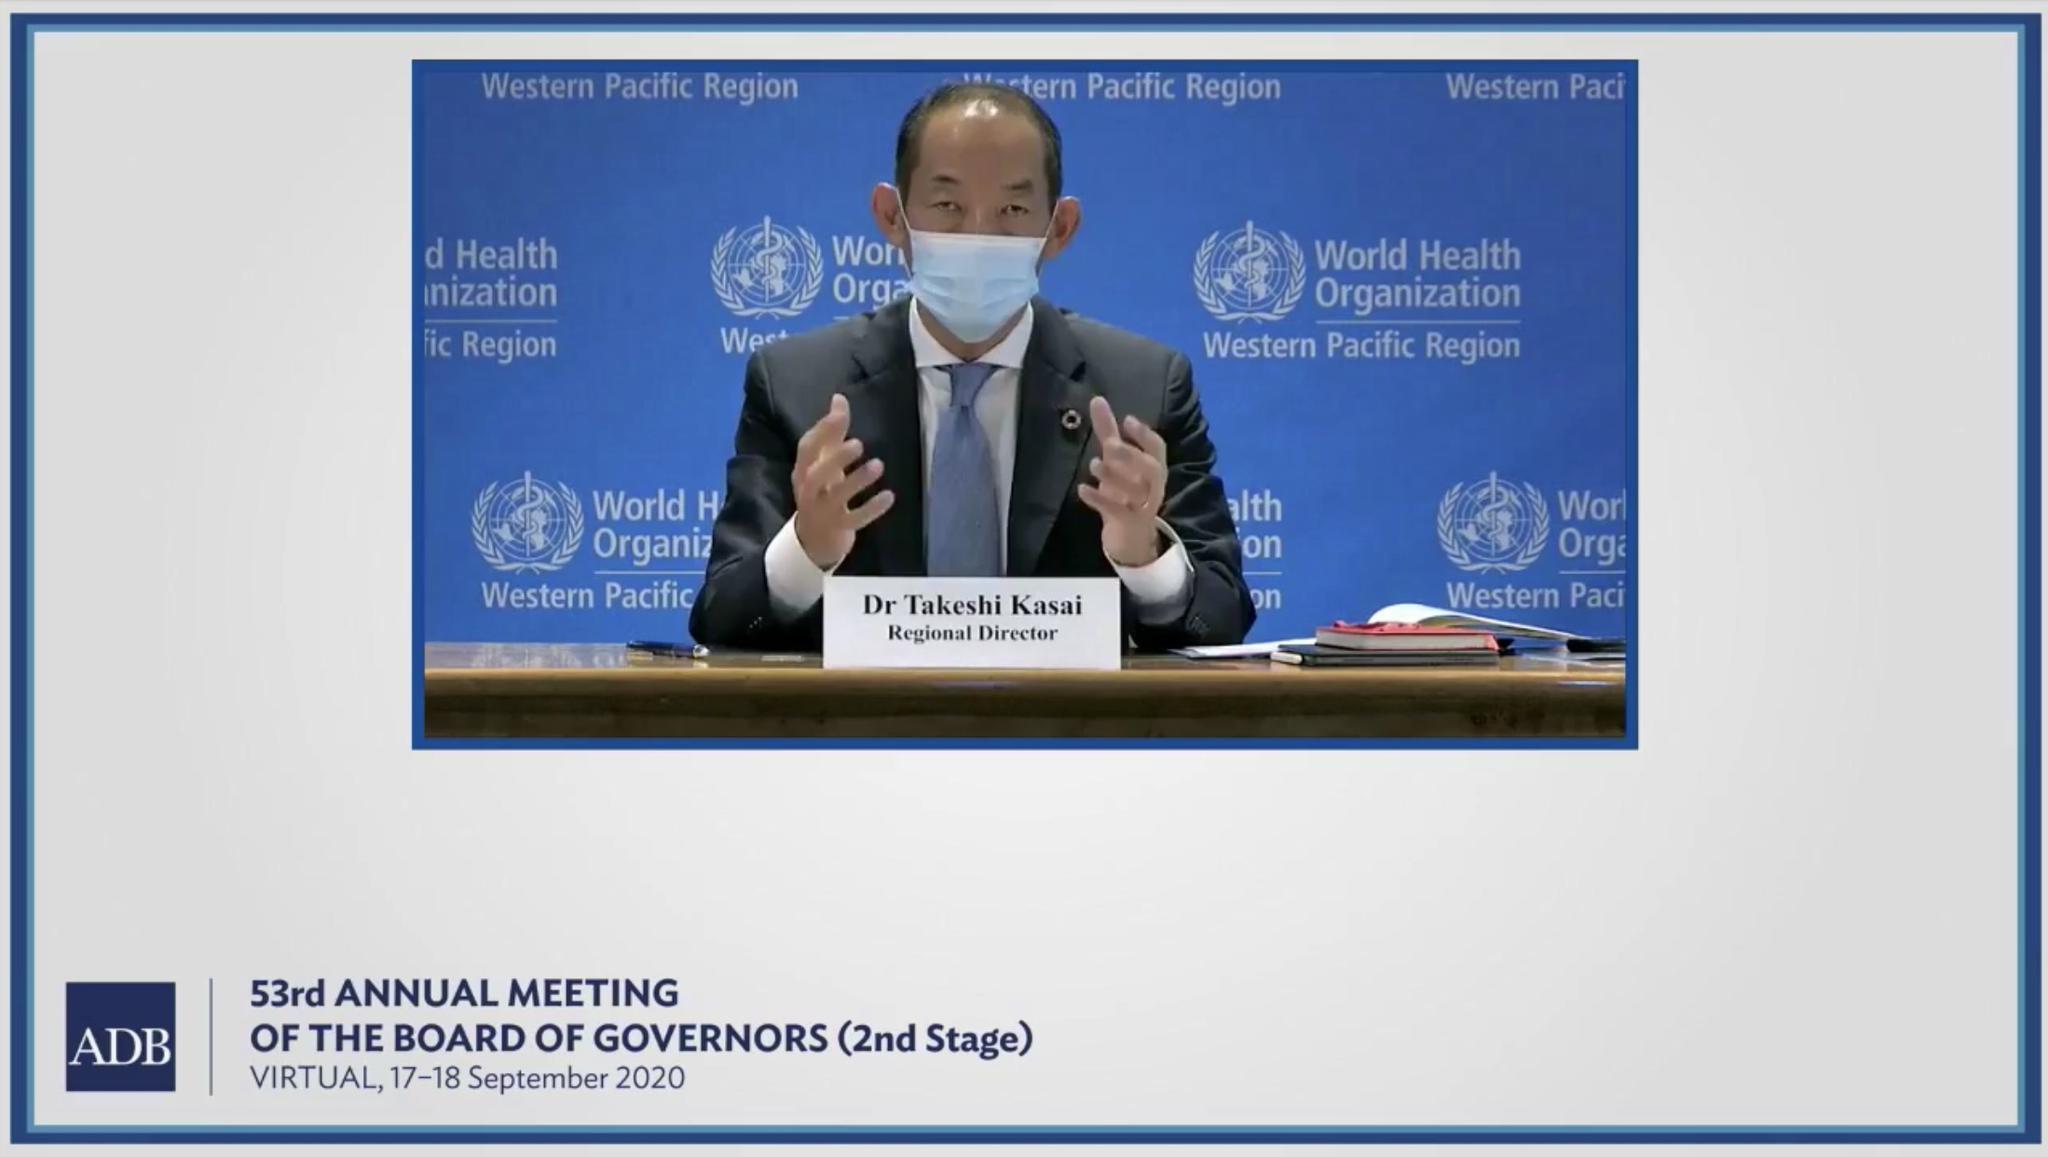 亚太地区卫生和财政部长参加联合会议 探讨全民健康覆盖重要性